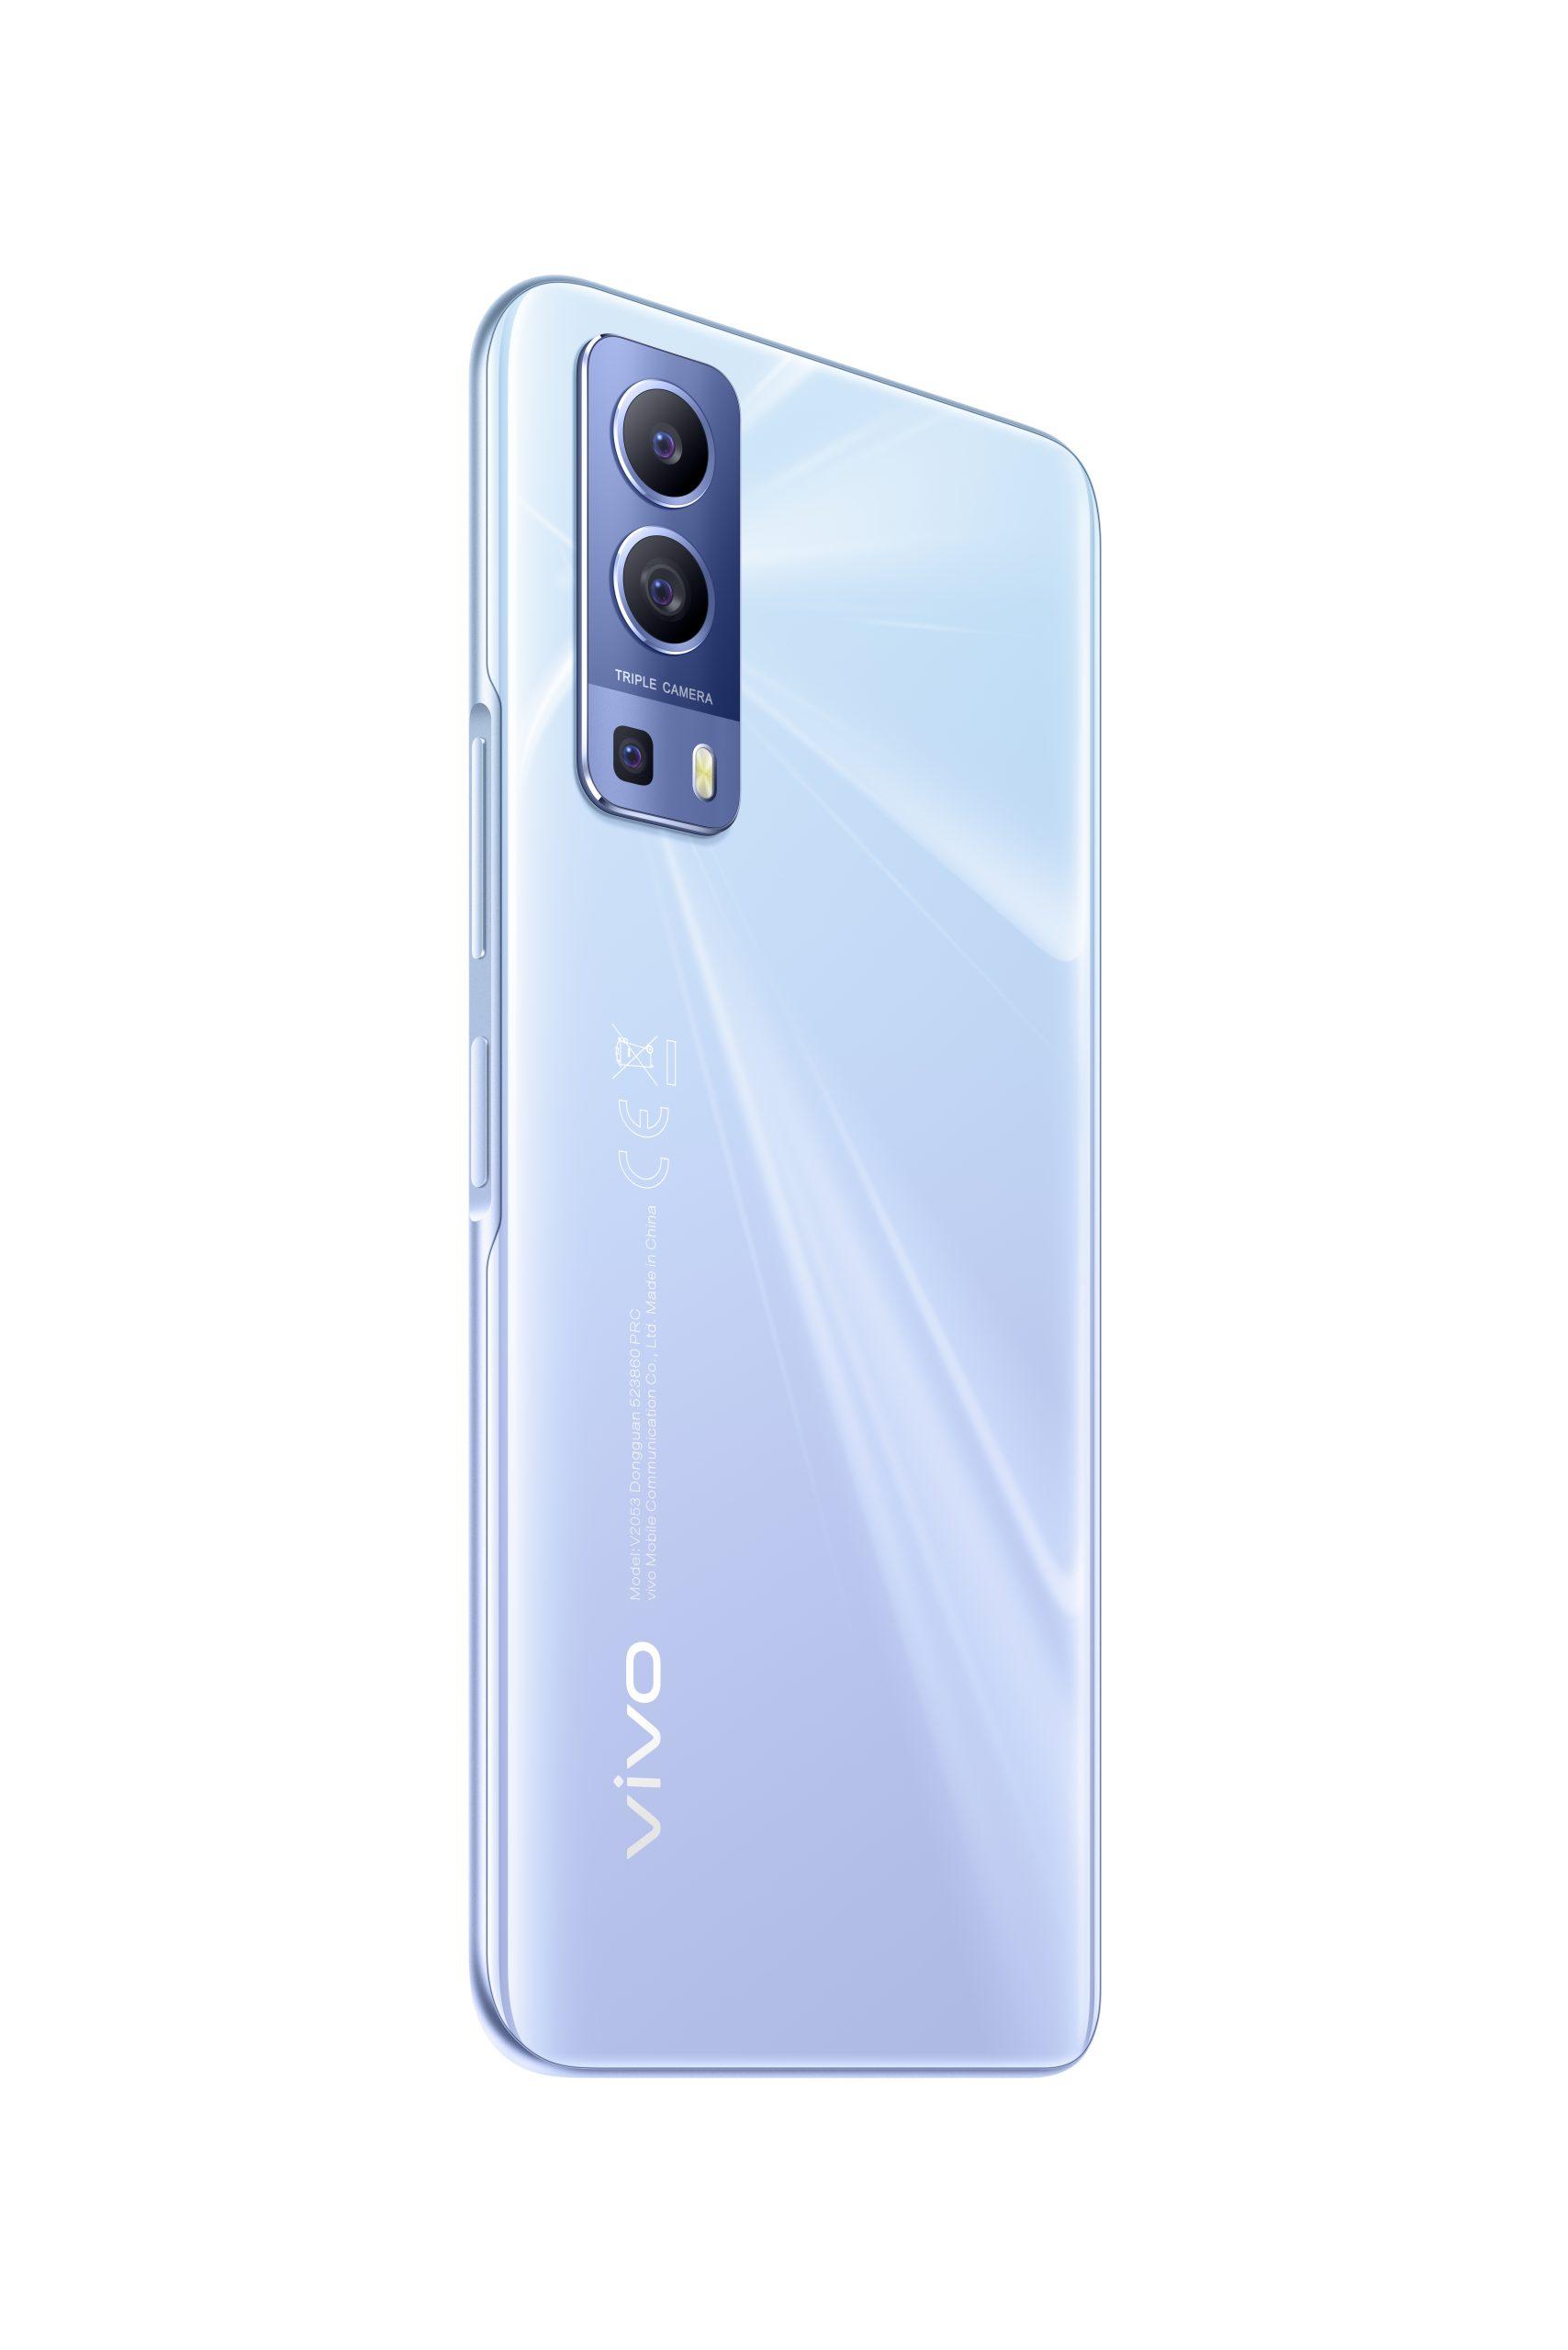 5G non-stop Vivo lanza un nuevo smartphone de la serie Y